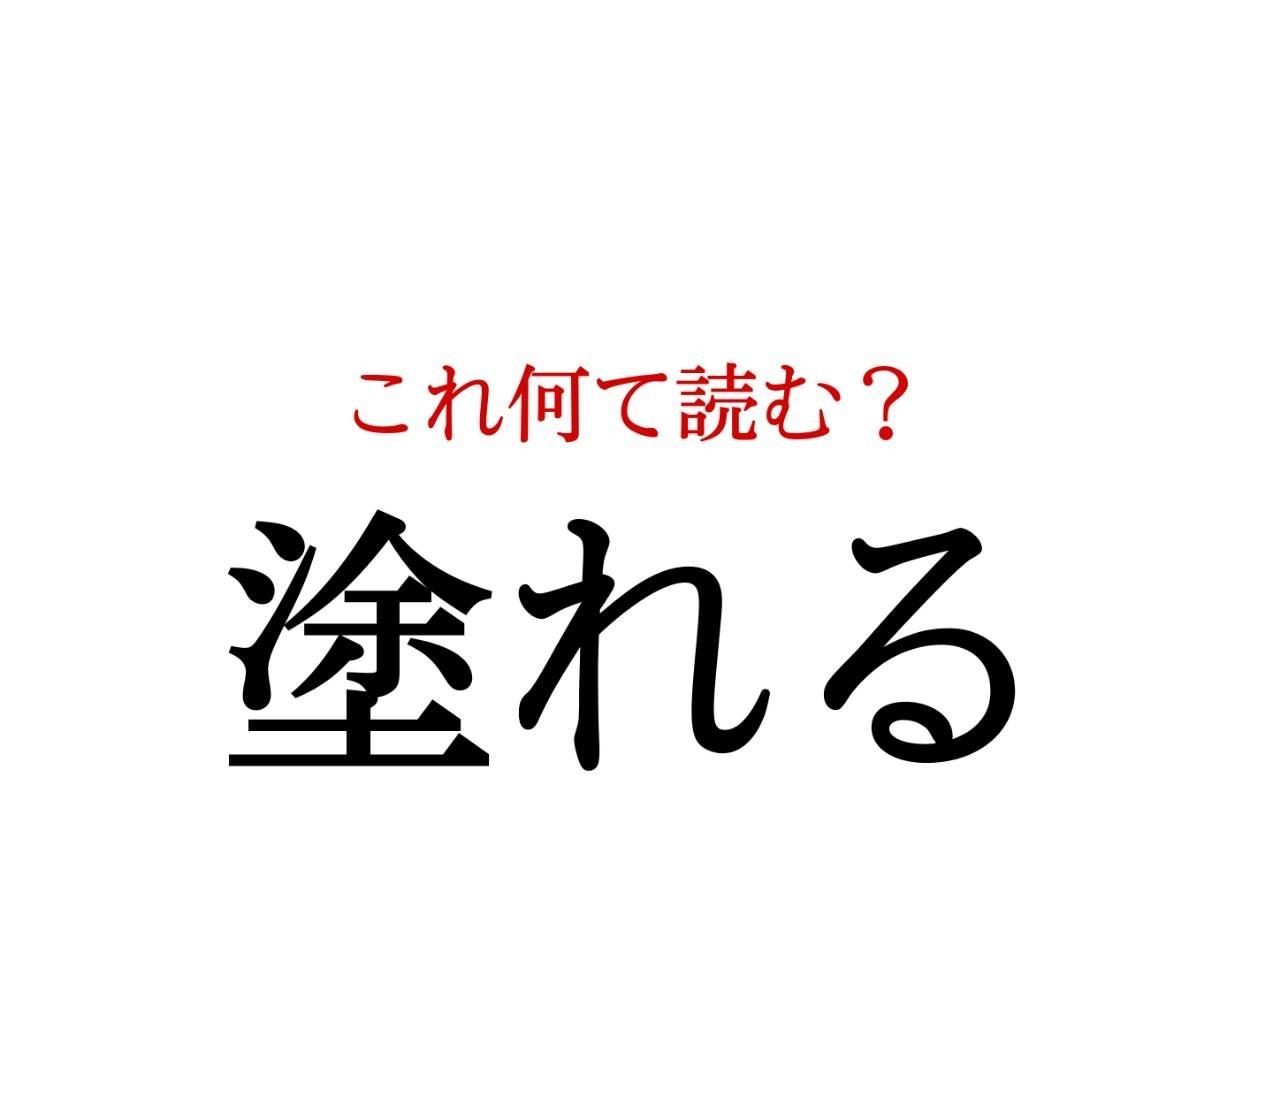 「塗れる」:この漢字、自信を持って読めますか?【働く大人の漢字クイズvol.63】